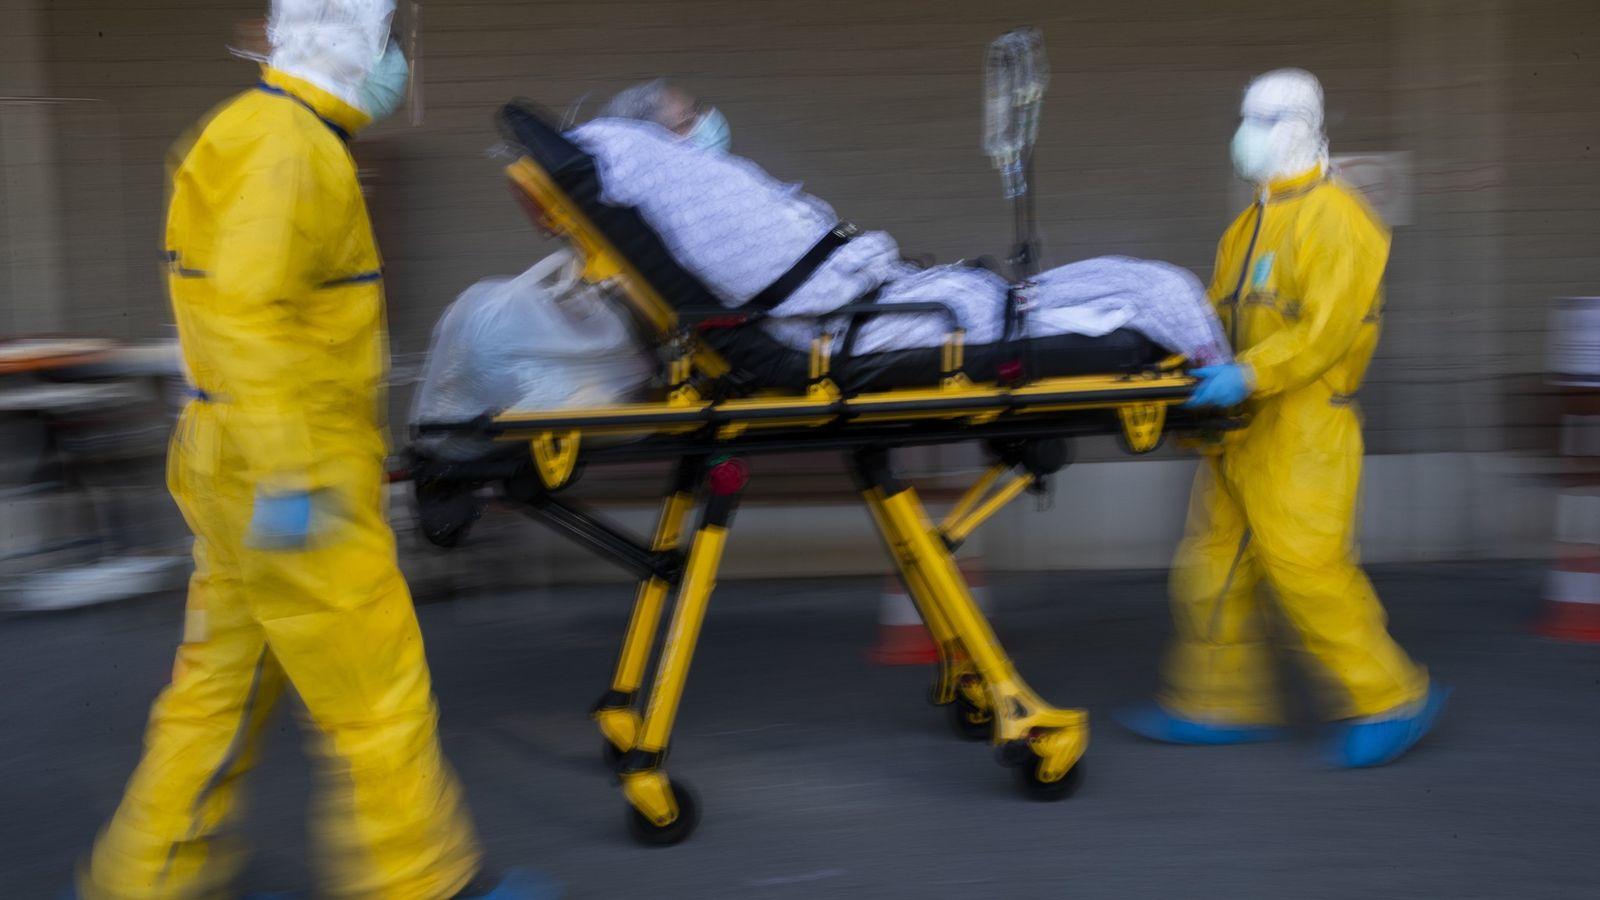 El personal médico de Klinicare, Bruselas, traslada a un paciente con coronavirus de un hospital lleno ...